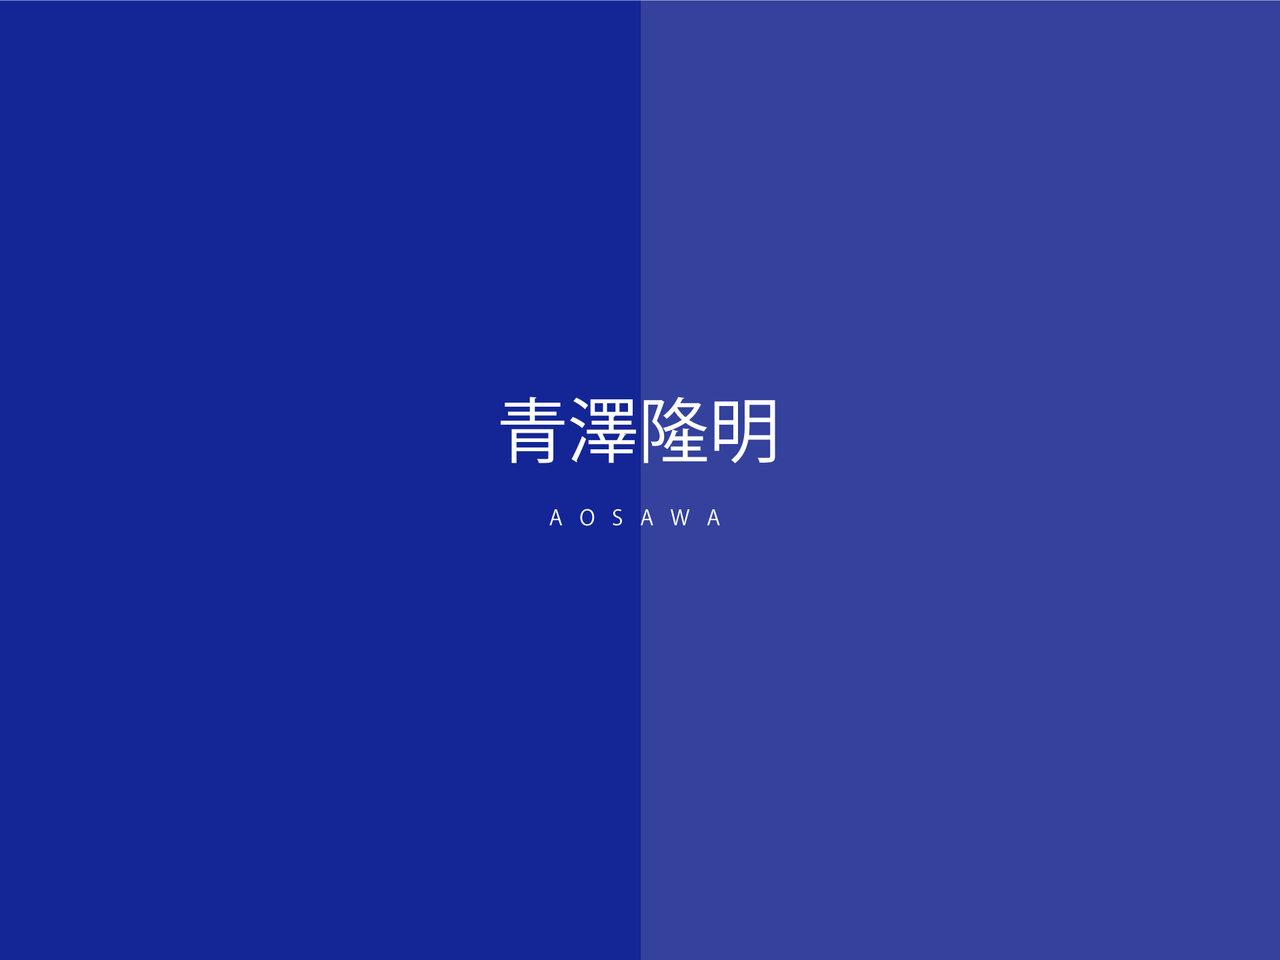 夏の白昼の夢 -大野和士指揮 都響を東京文化会館で聴く